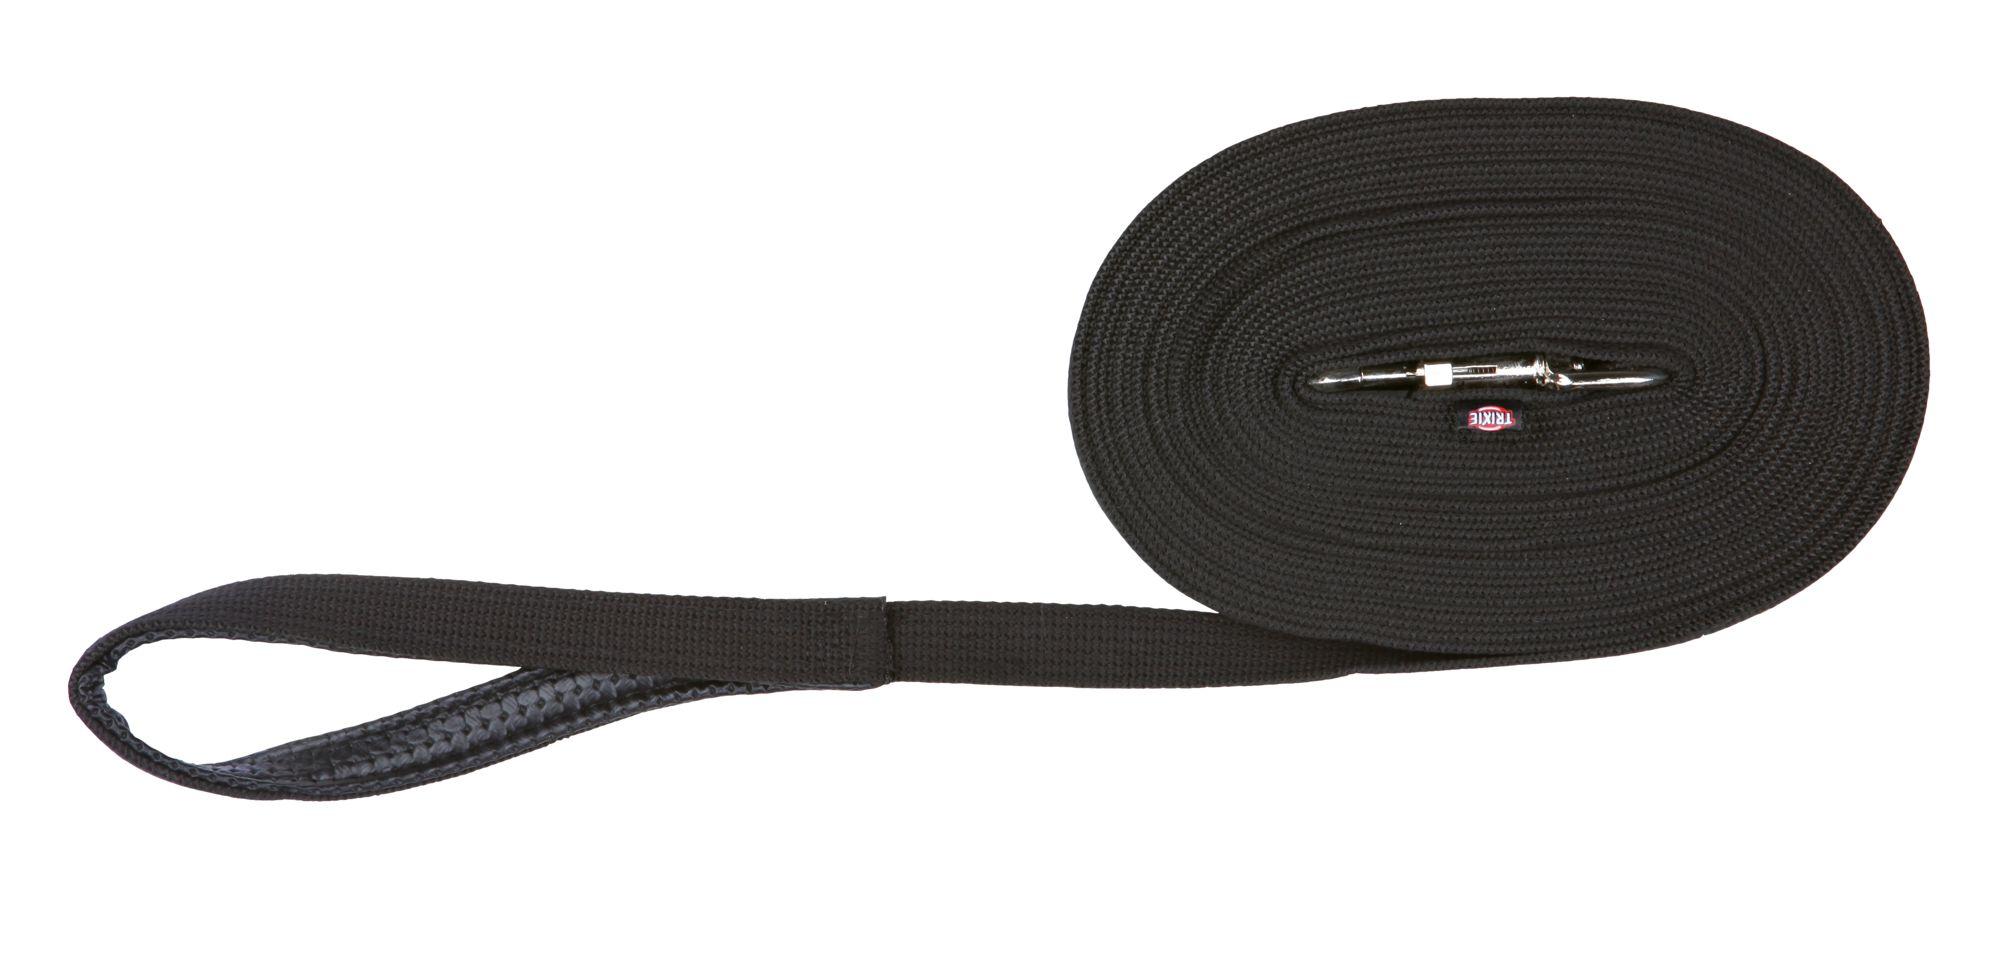 TRIXIE Schleppleine, Gurtband TRIXIE Schleppleine, Gurtband, 5 m/20 mm, schwarz